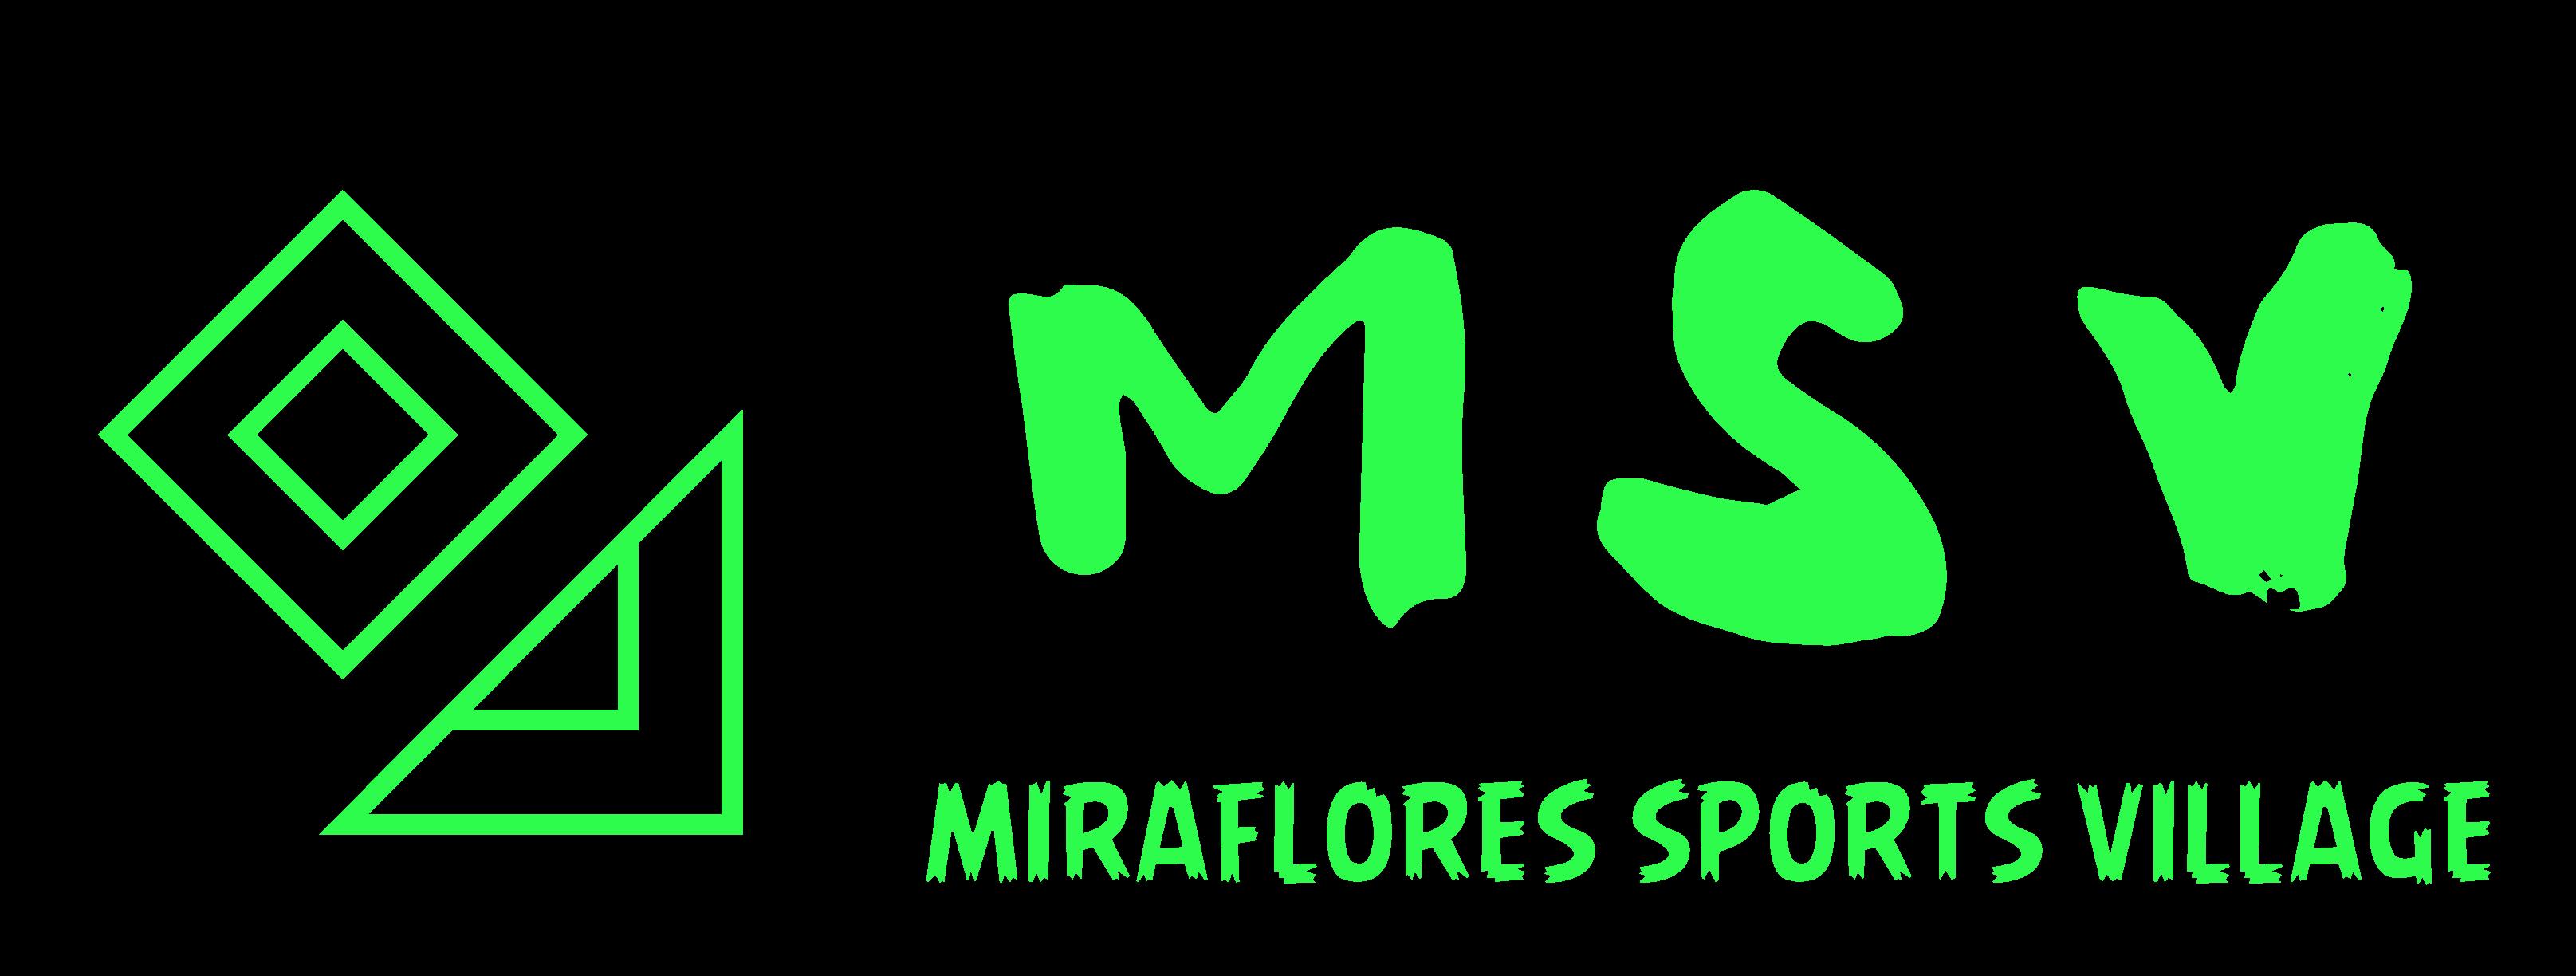 Miraflores Sports Village